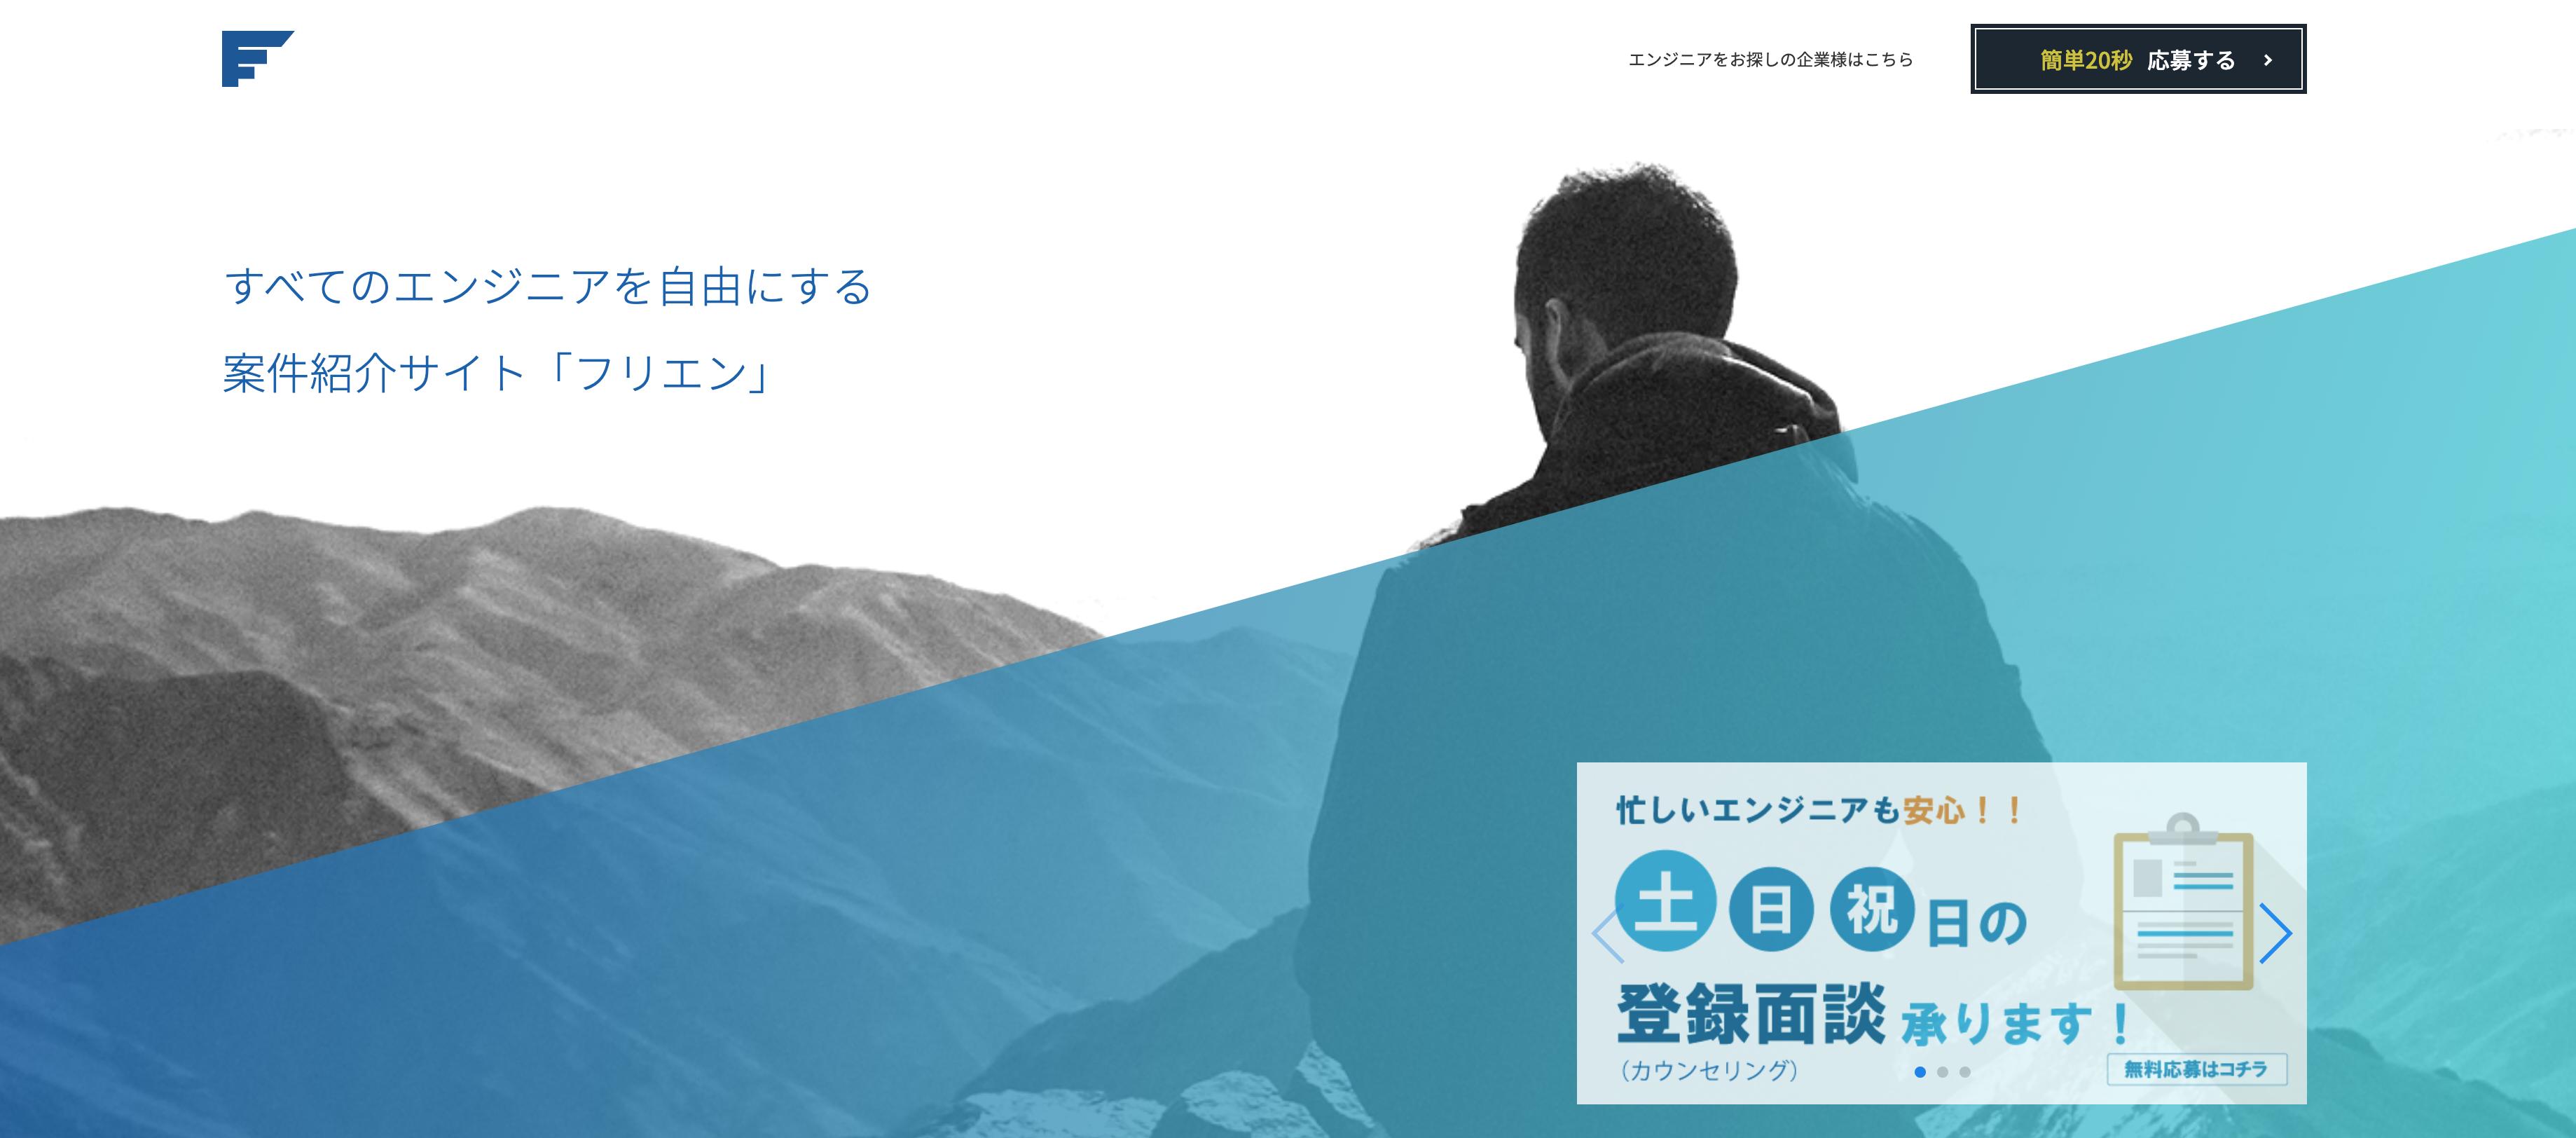 スクリーンショット 2020-03-26 13.45.32 2.png